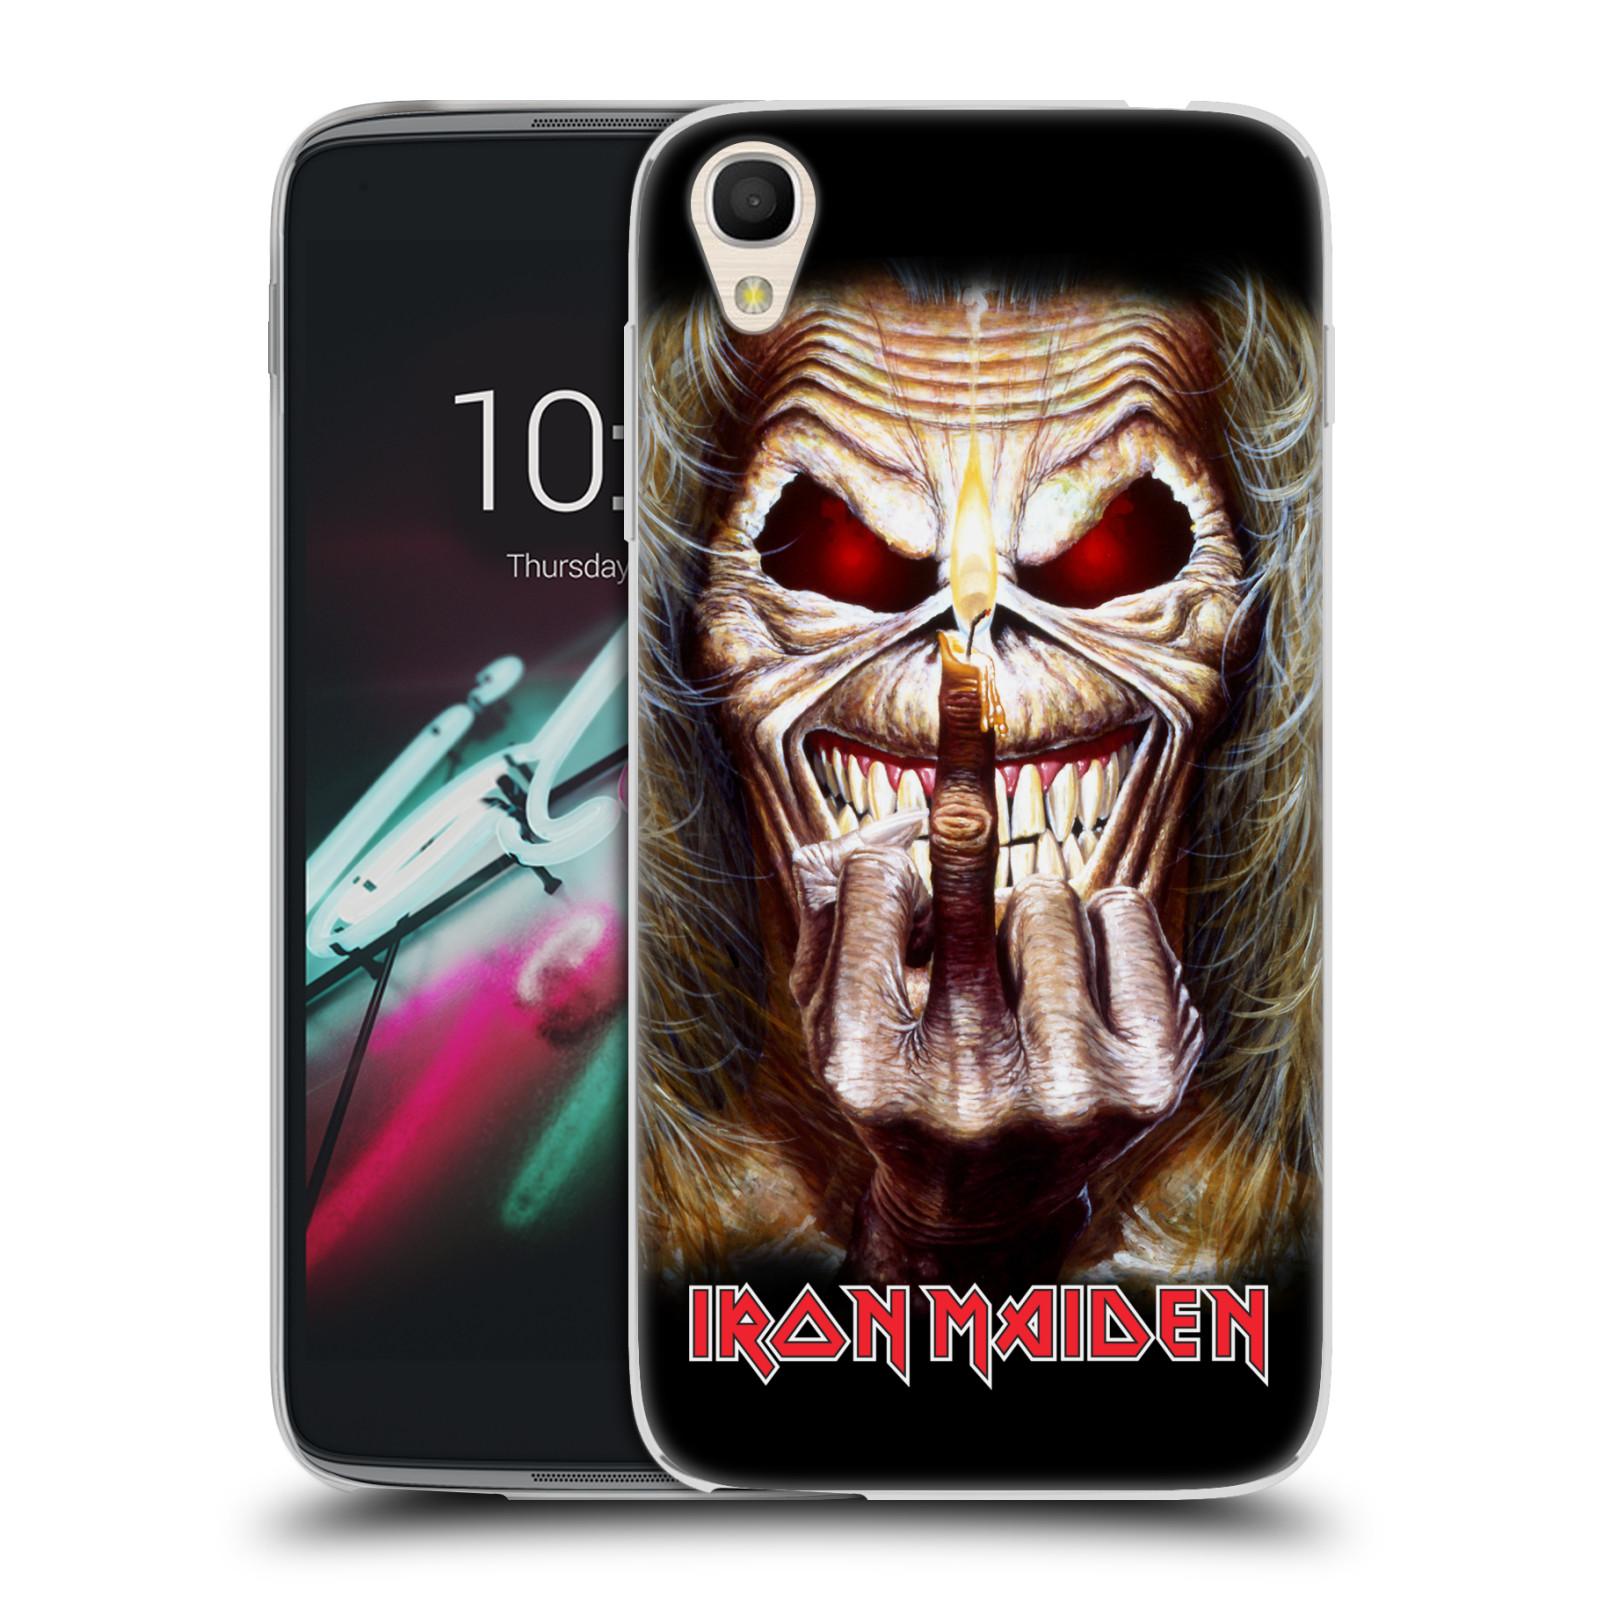 """Silikonové pouzdro na mobil Alcatel One Touch 6039Y Idol 3 HEAD CASE - Iron Maiden - Candle Finger (Silikonový kryt či obal na mobilní telefon s licencovaným motivem Iron Maiden Alcatel One Touch Idol 3 OT-6039Y s 4,7"""" displejem)"""